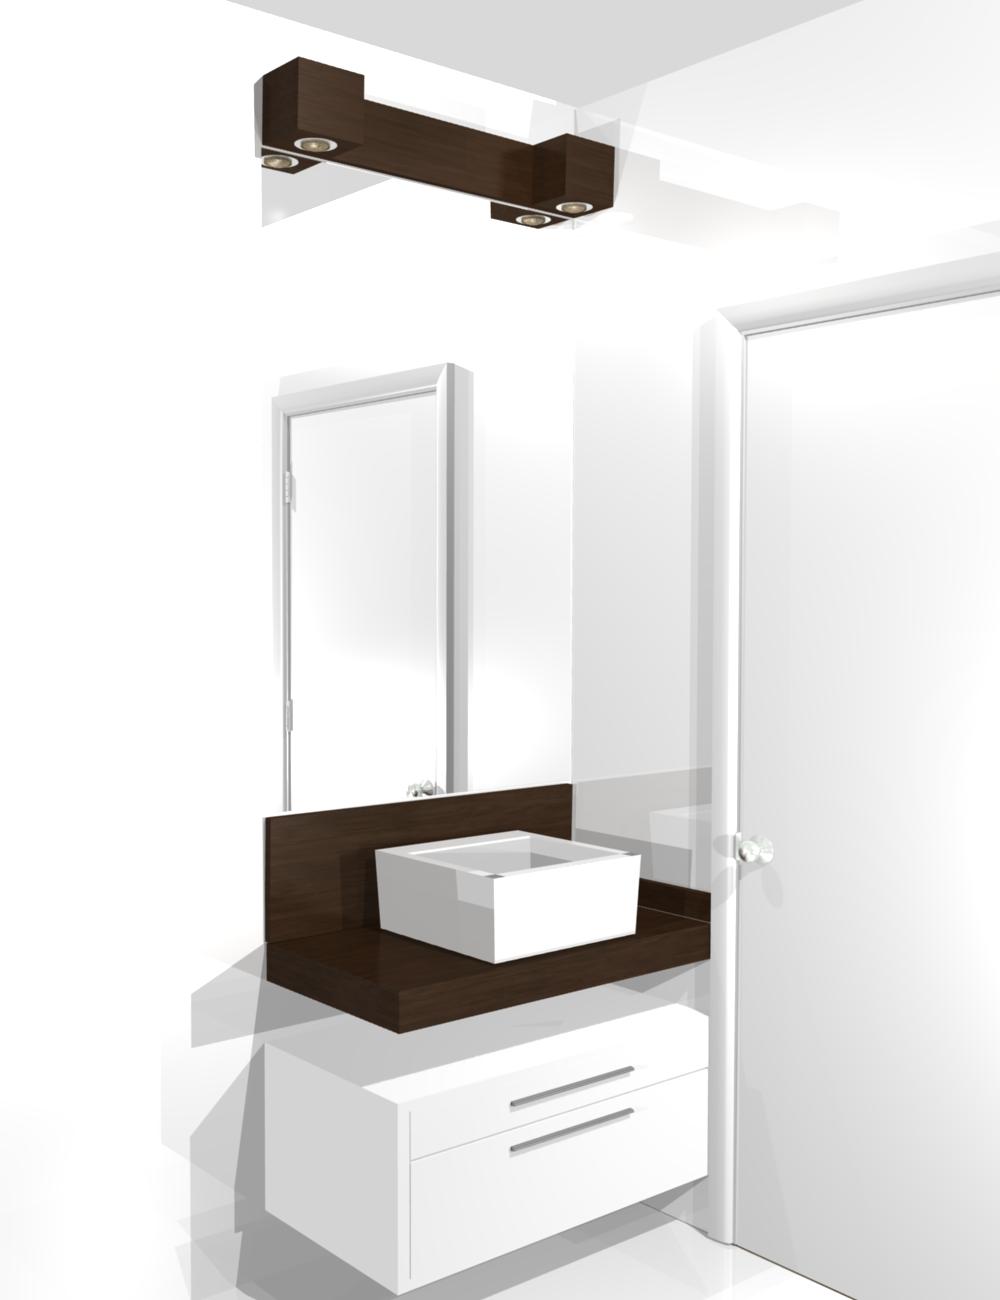 Pin Moveis Planejado Banho Banheiro Gabinete Pequenos Modernos Lindos on Pint -> Banheiro Pequeno Moveis Planejados